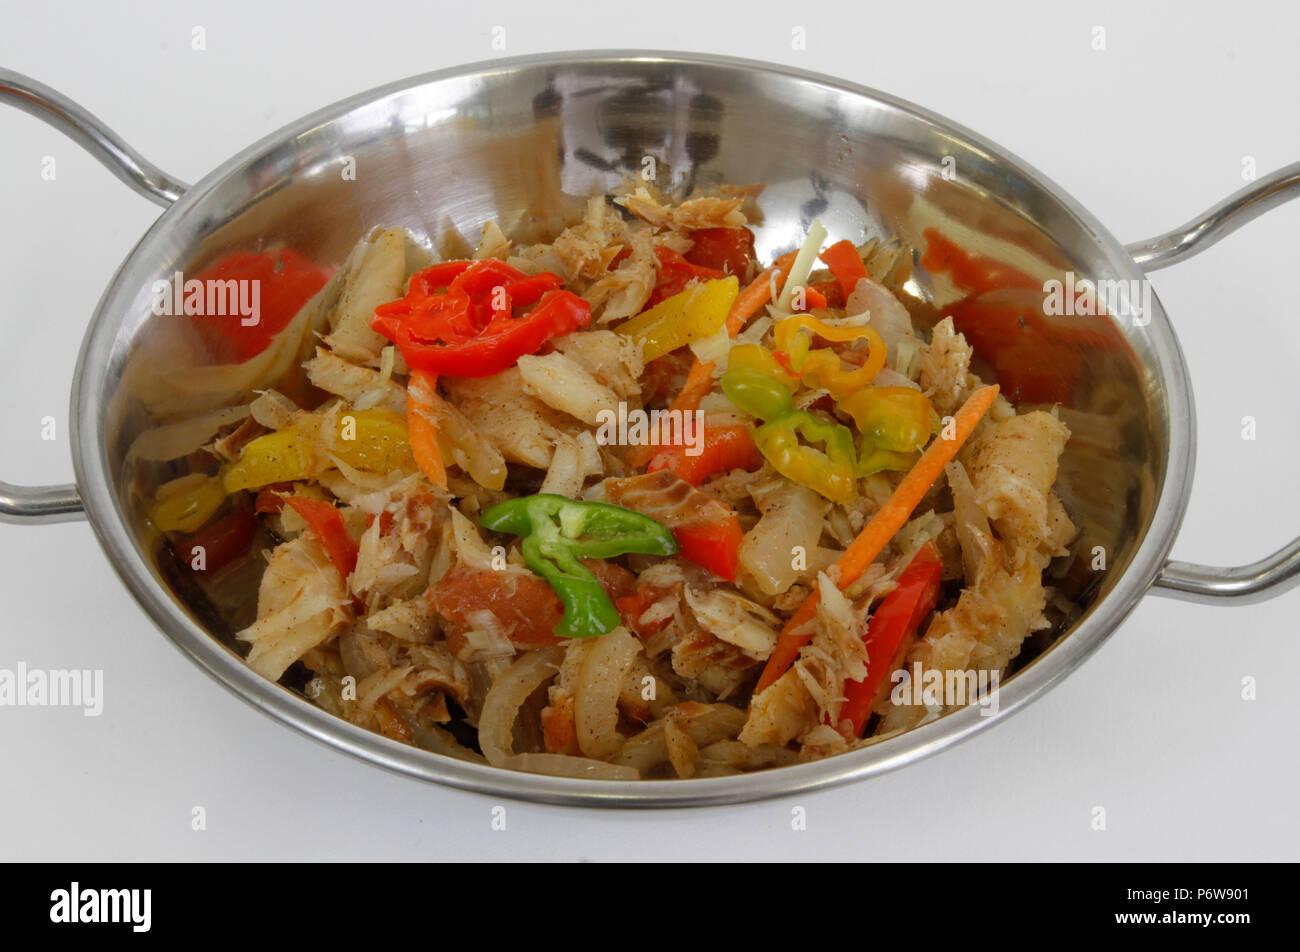 Karibische Küche   Authentische Karibische Kuche Stockfoto Bild 210768209 Alamy